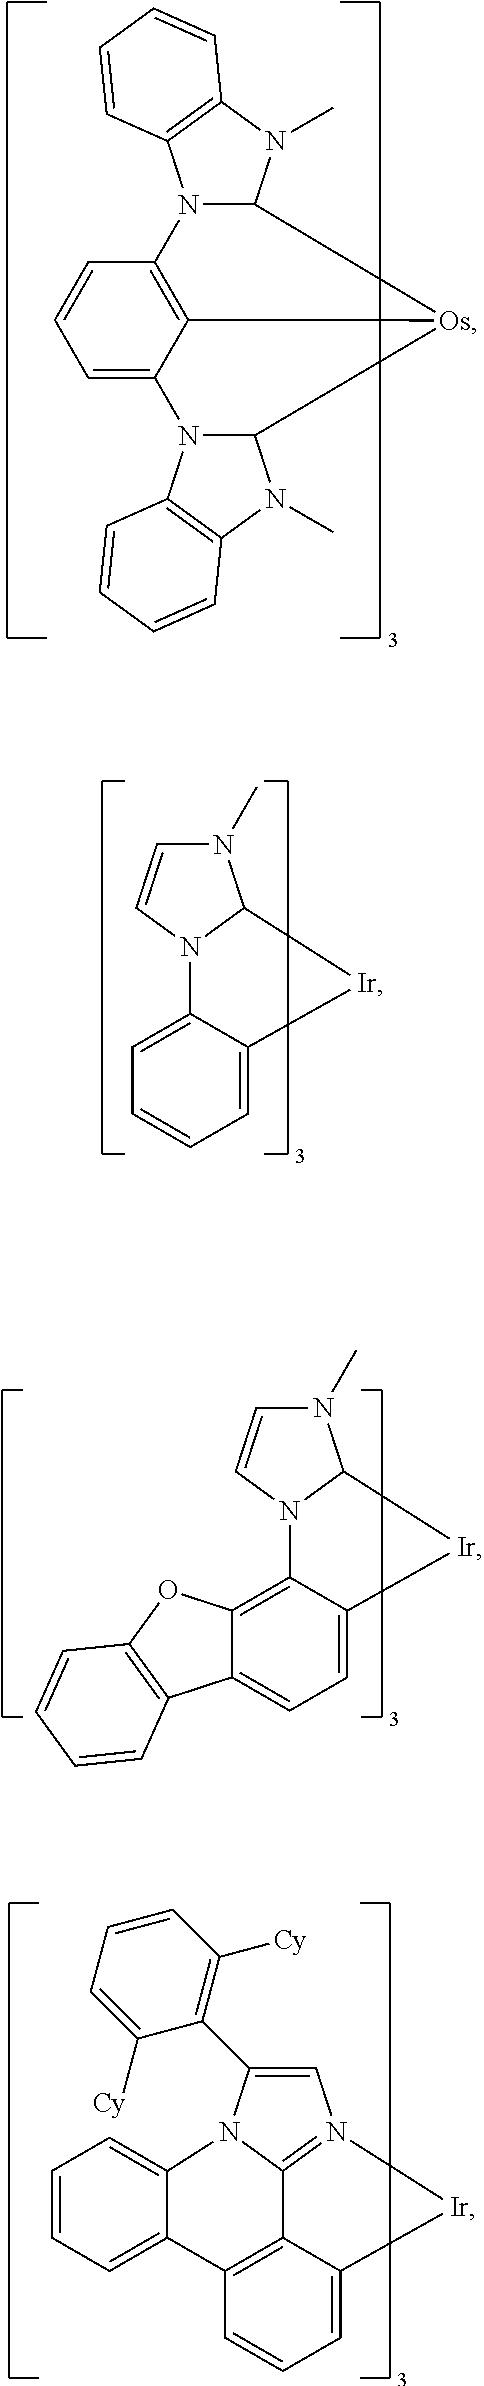 Figure US09859510-20180102-C00076